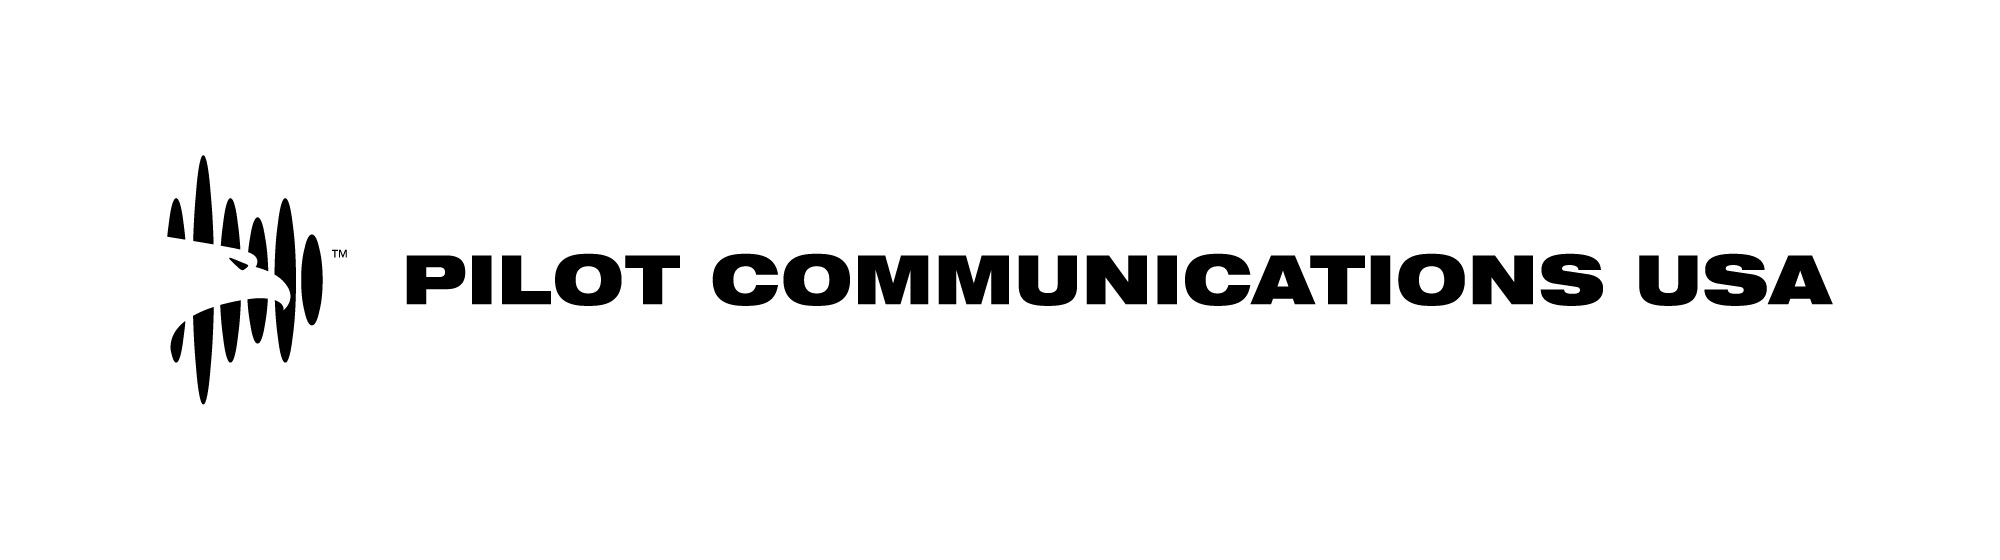 Pilot Communications USA